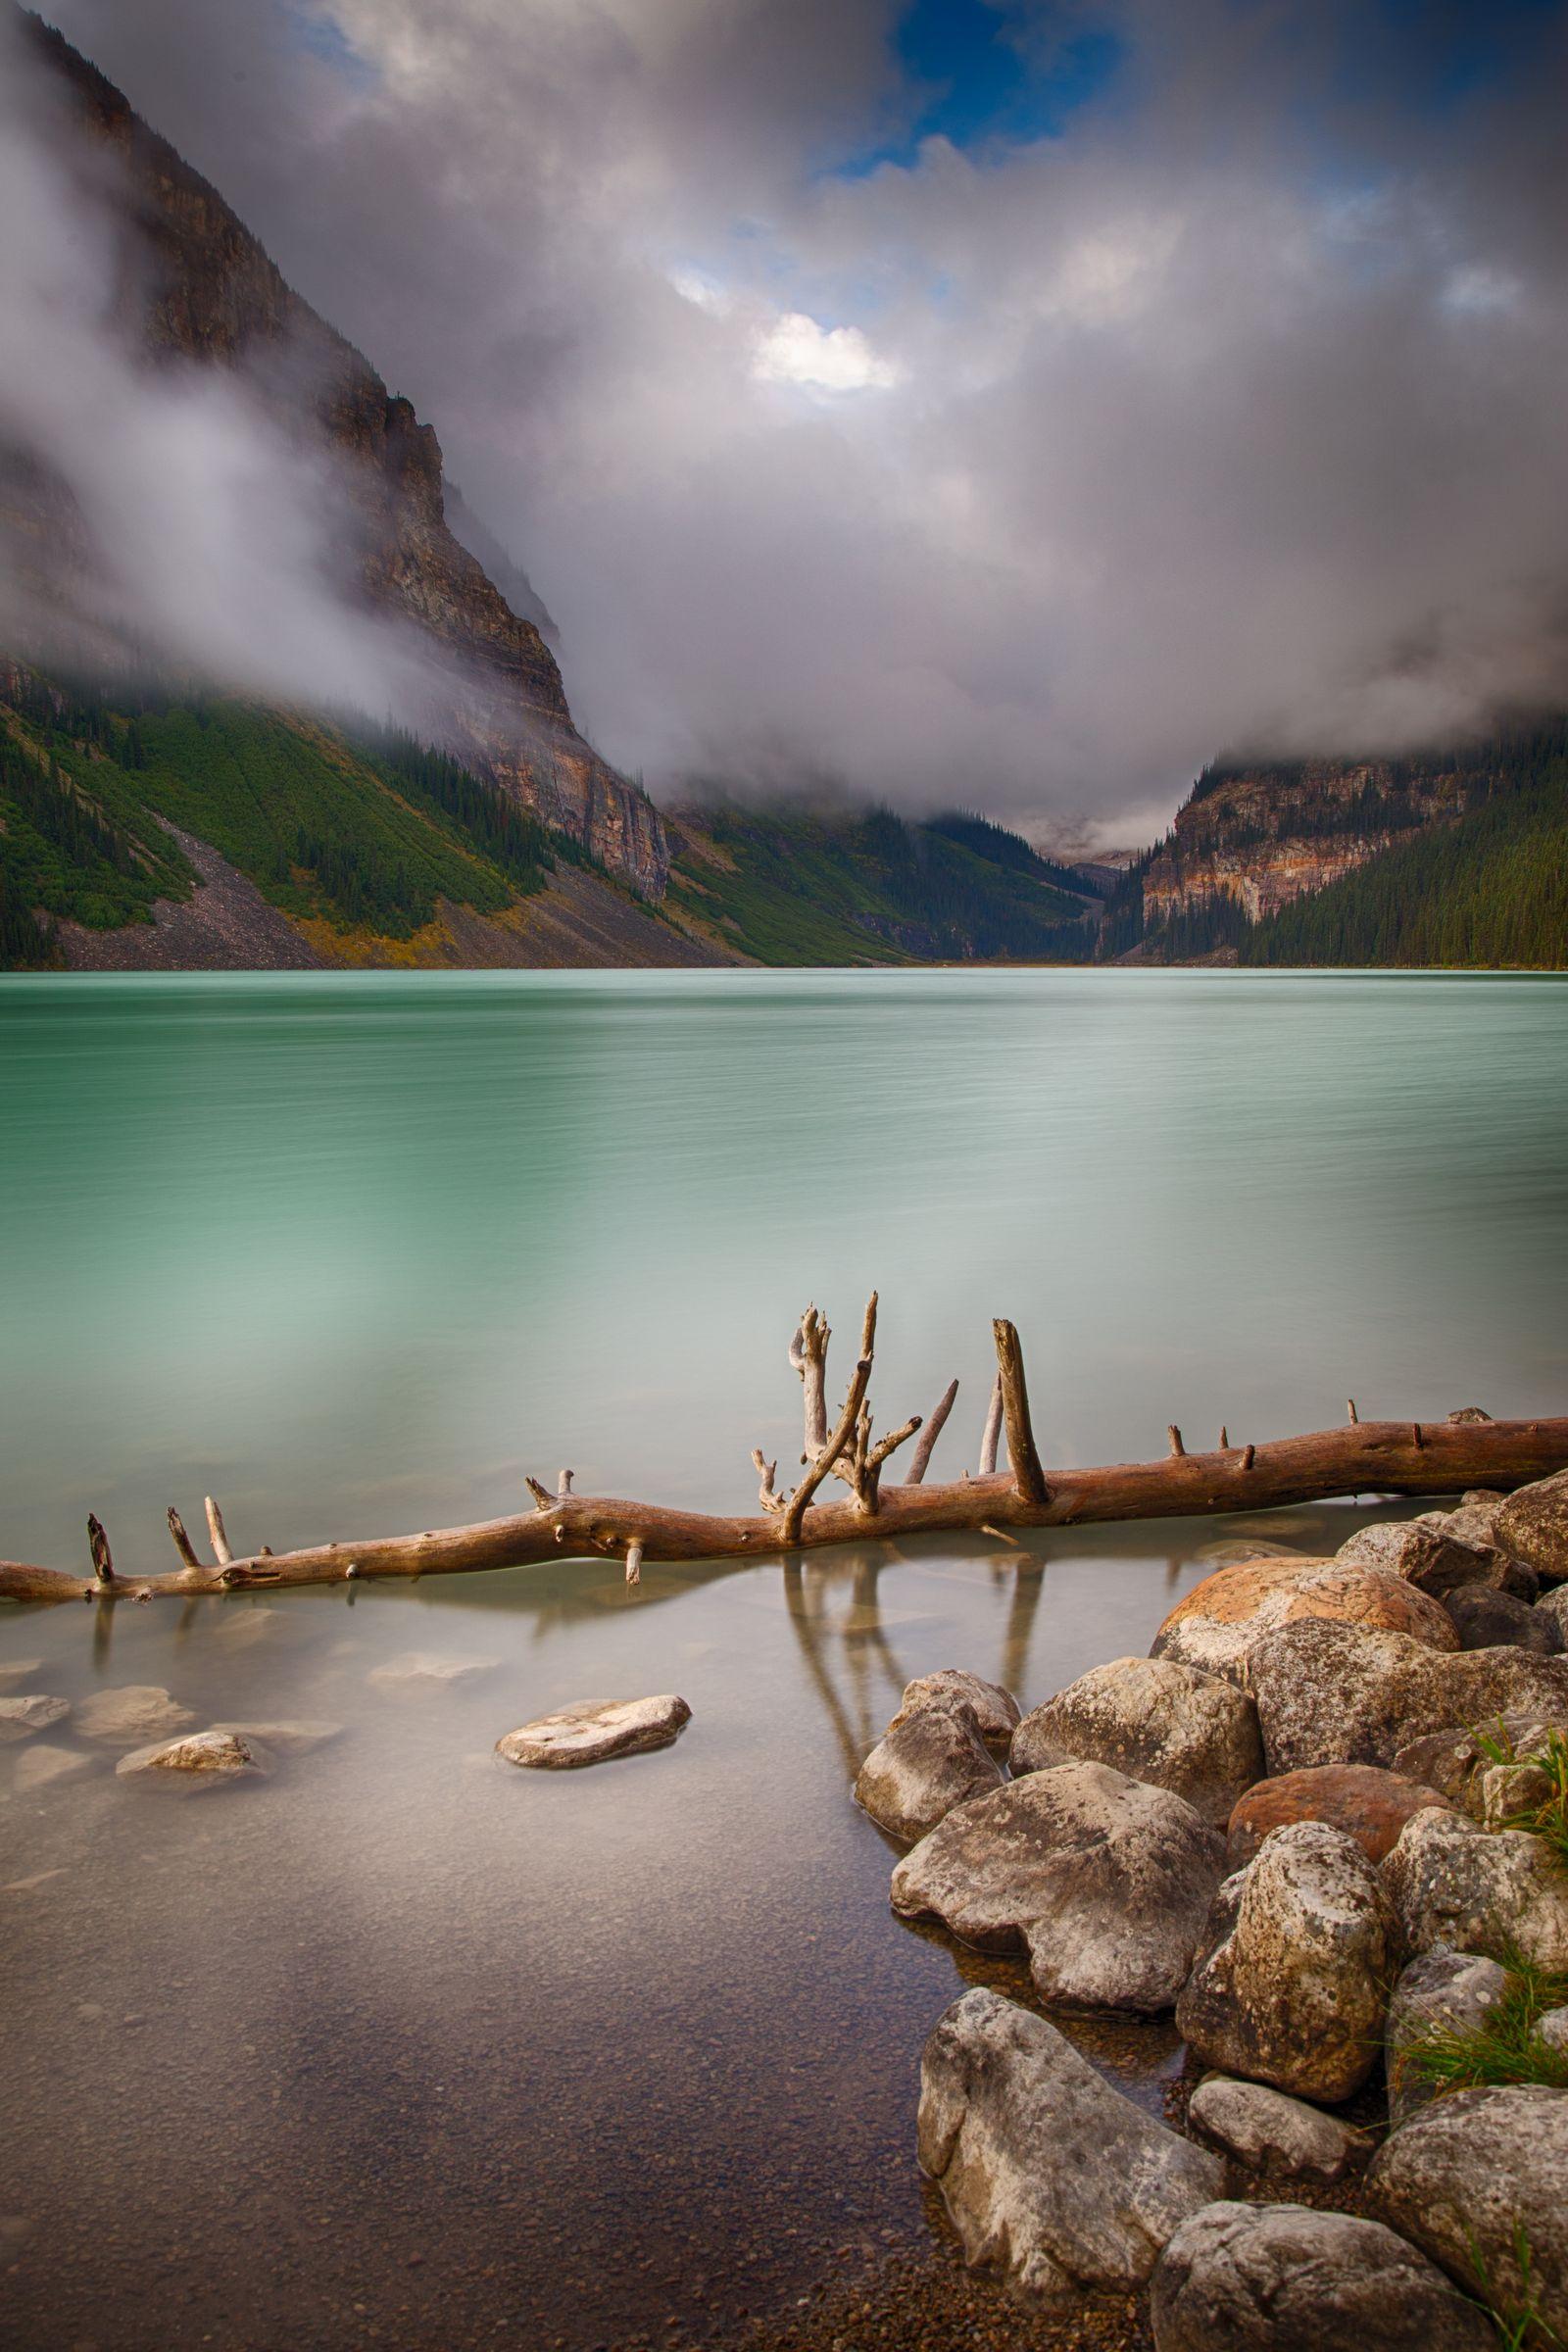 El lago obliga a pararse cada pocos metros